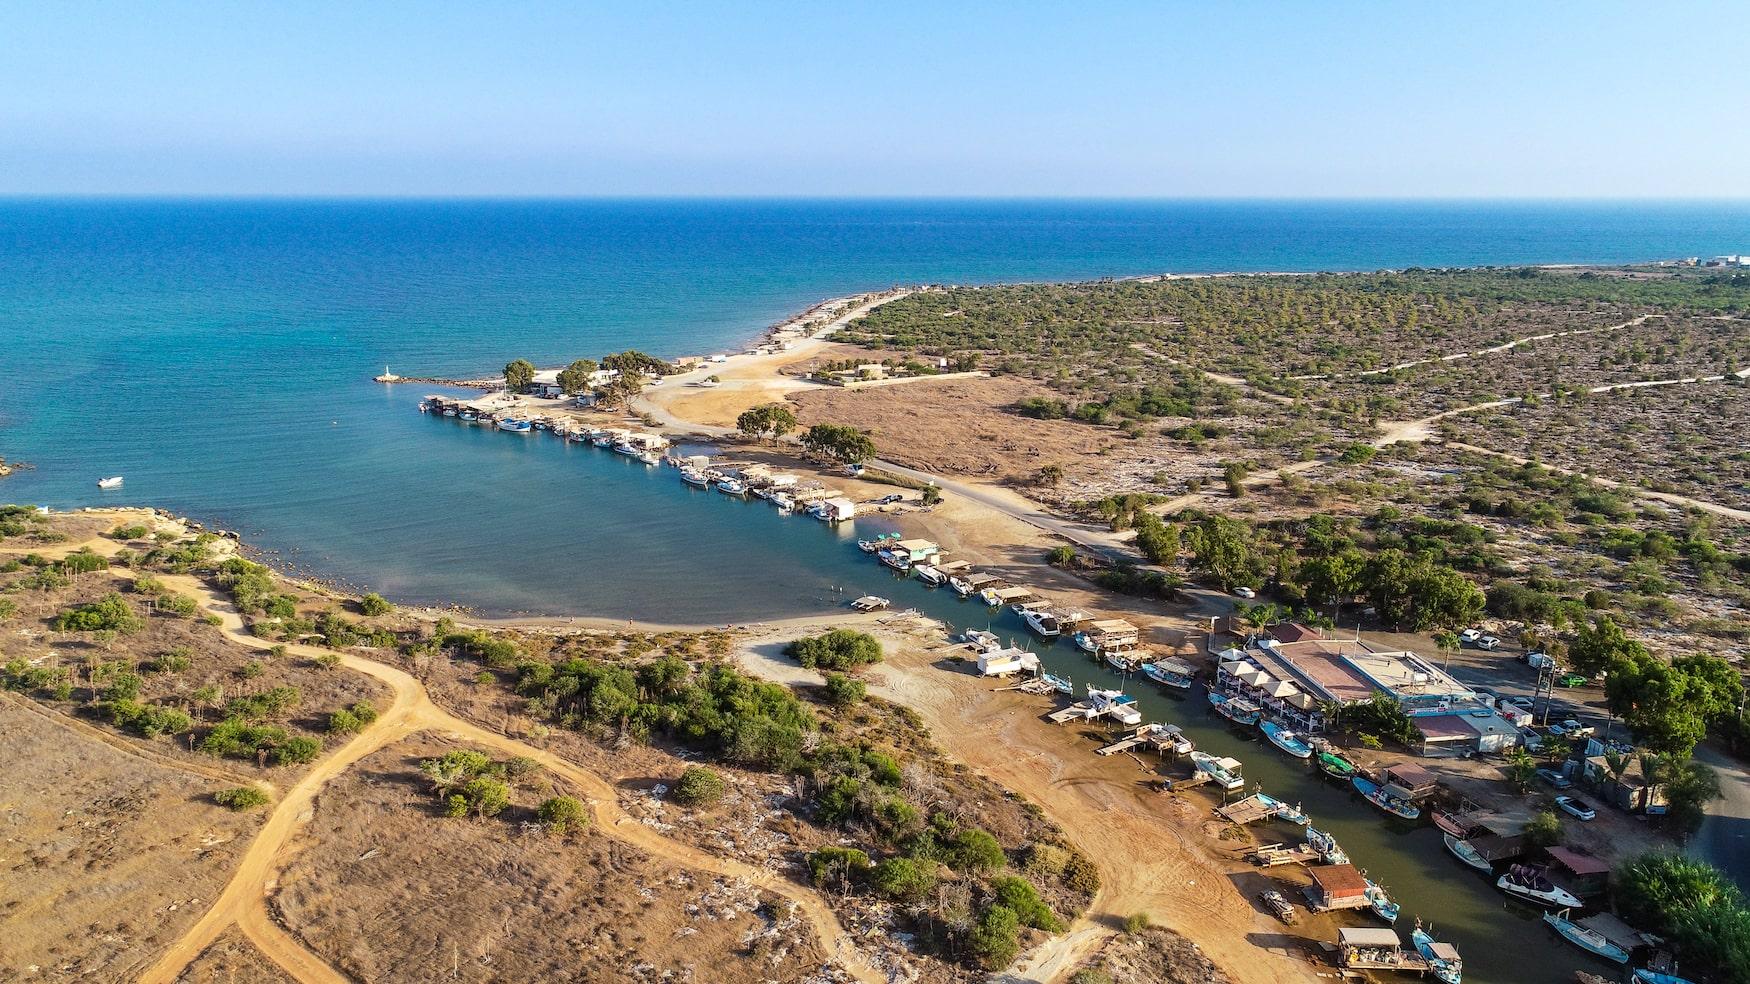 Küste von Kokkinochoria, Zypern